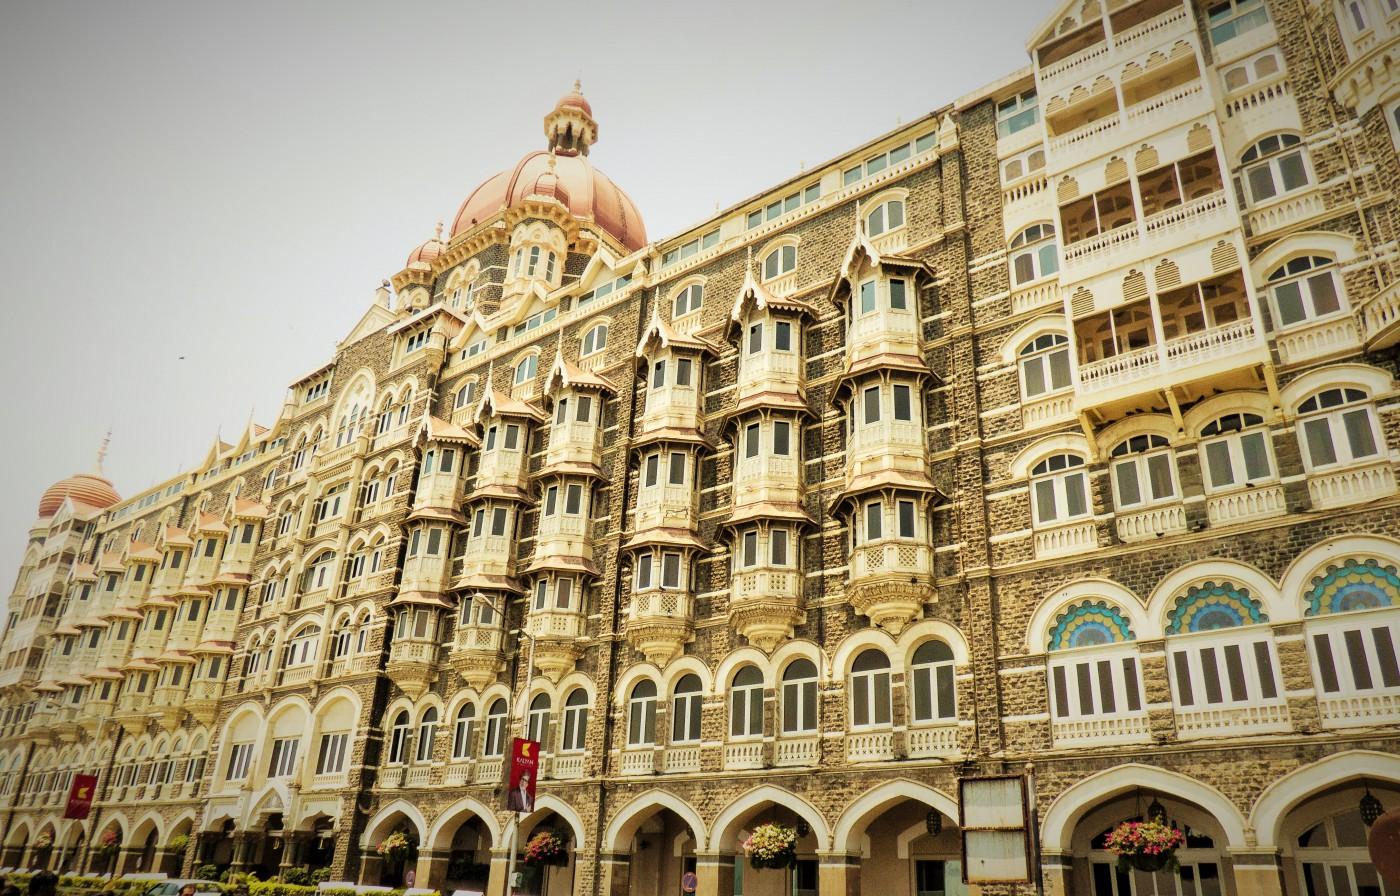 Das berühmte Taj Mahal Palace Hotel, ein 5 Sterne-Luxus-Hotel erinnert an einen orientalischen Märchenpalast